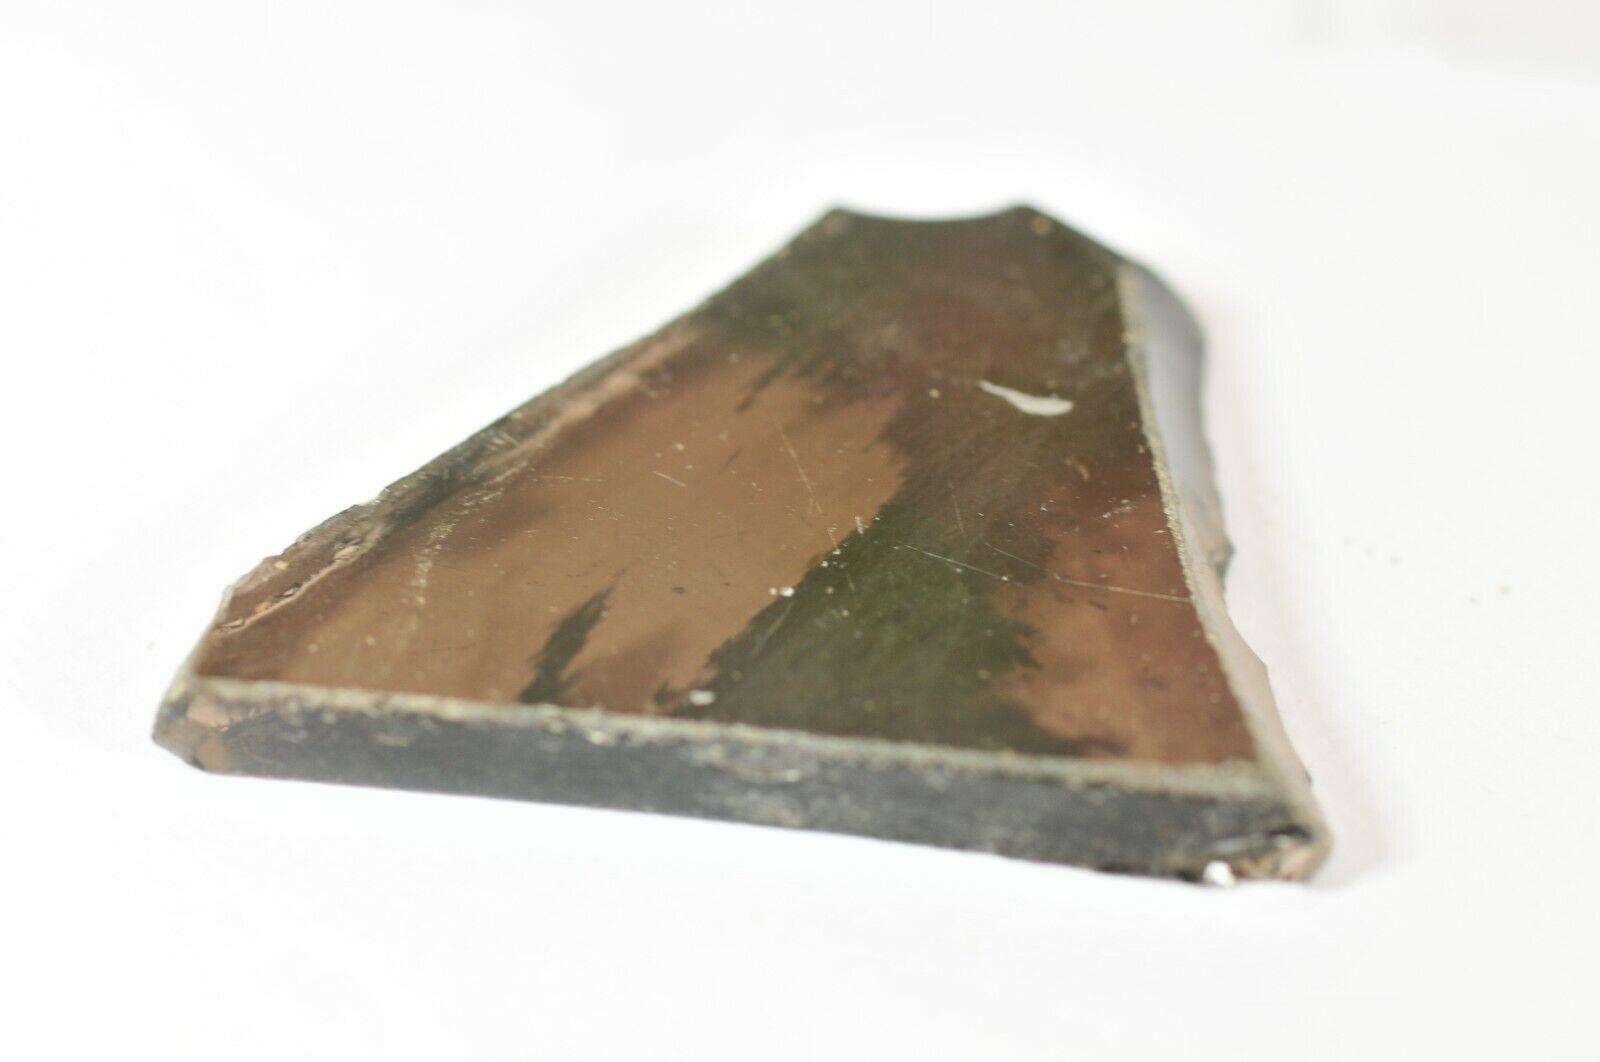 POLISHED SLICE of SMOKEY OBSIDIAN  - 5.7  x 4.4 cms 17.99 gms - GRIEF